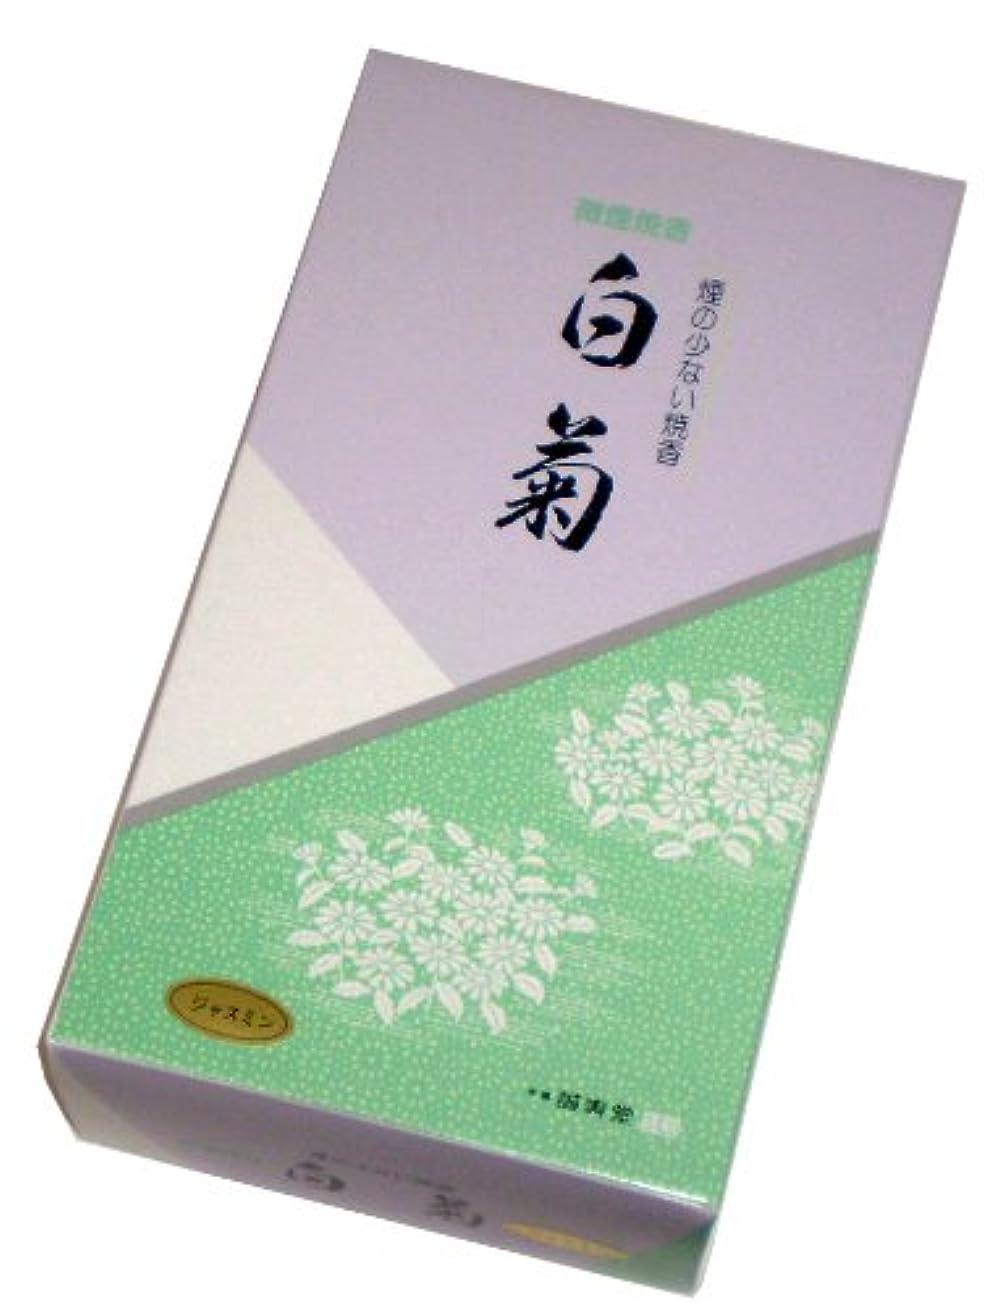 パシフィックテメリティ克服する誠寿堂のお線香 微煙焼香 白菊(ジャスミン)500g #FJ21